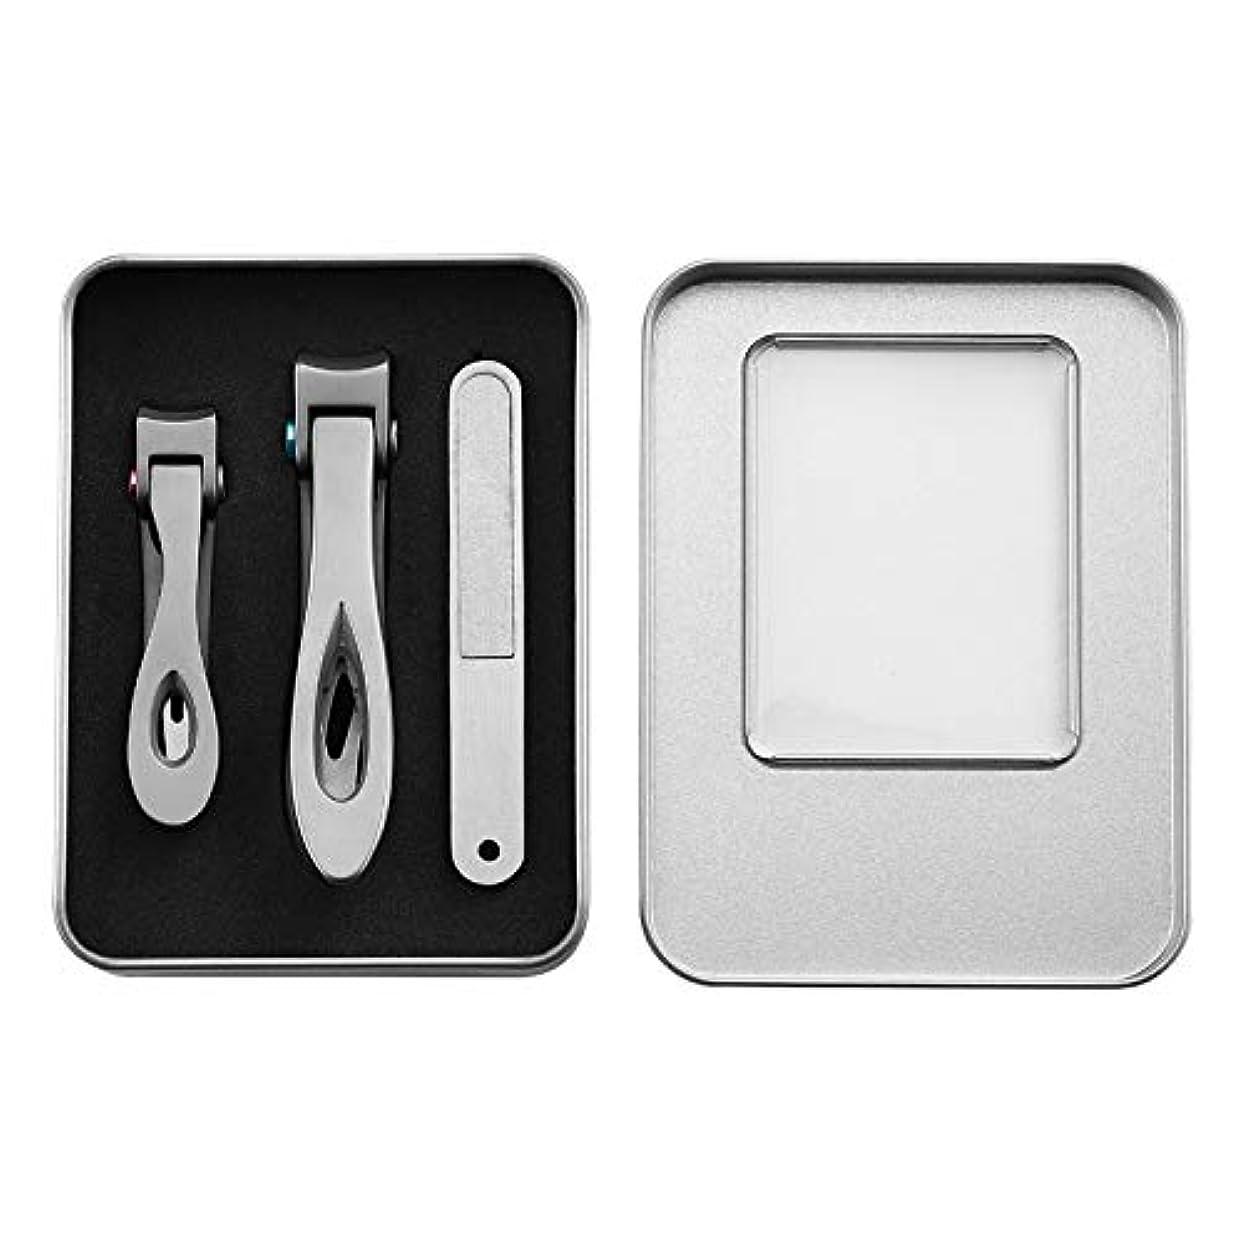 バタフライ見ました機動パースステンレス鋼の爪切りは、卸売サイトで大きな厚い爪切りと小さな爪具を設定します